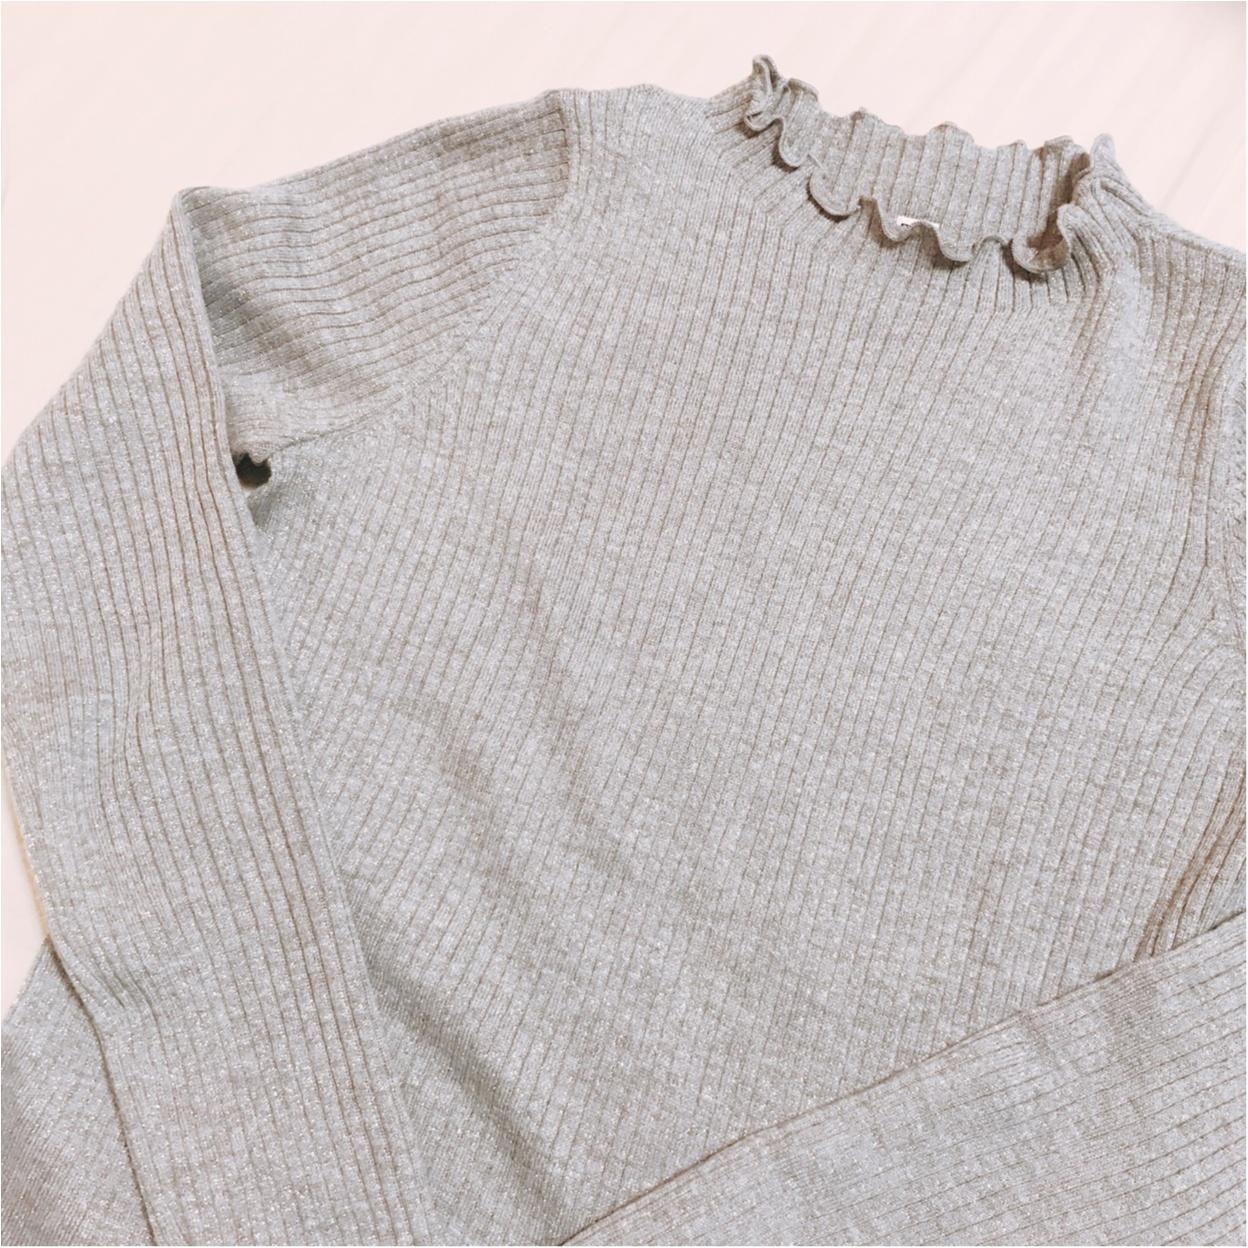 ユニクロ春の新作♡【シャイニーリブフリルネックセーター】が超優秀!!_1